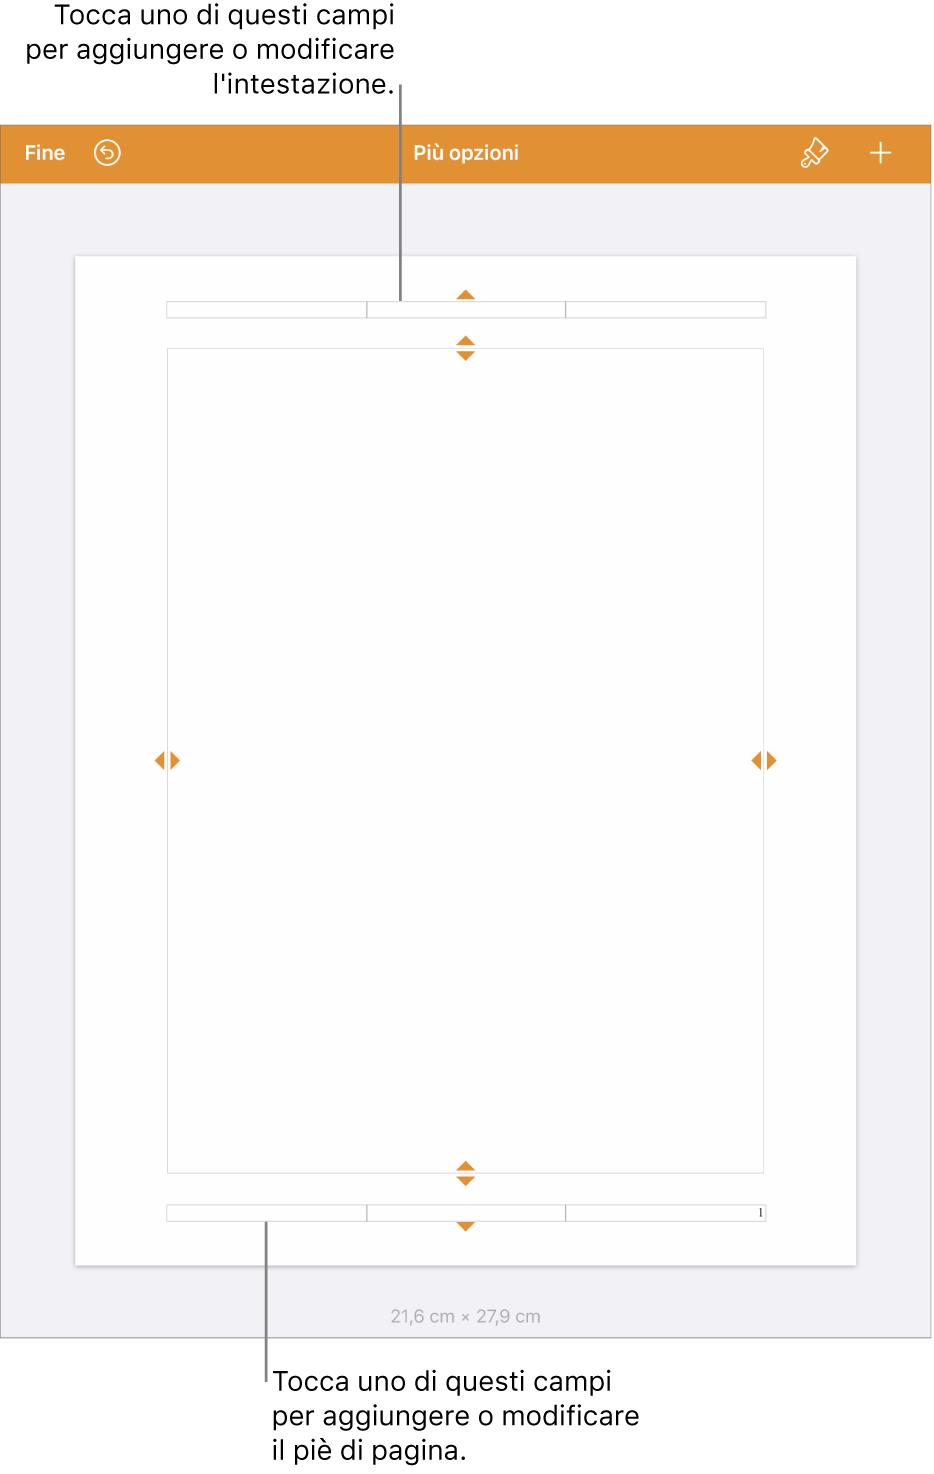 """La vista """"Altre opzioni"""" con tre campi nella parte superiore del documento per le intestazioni e tre campi nella parte inferiore per i piè di pagina."""